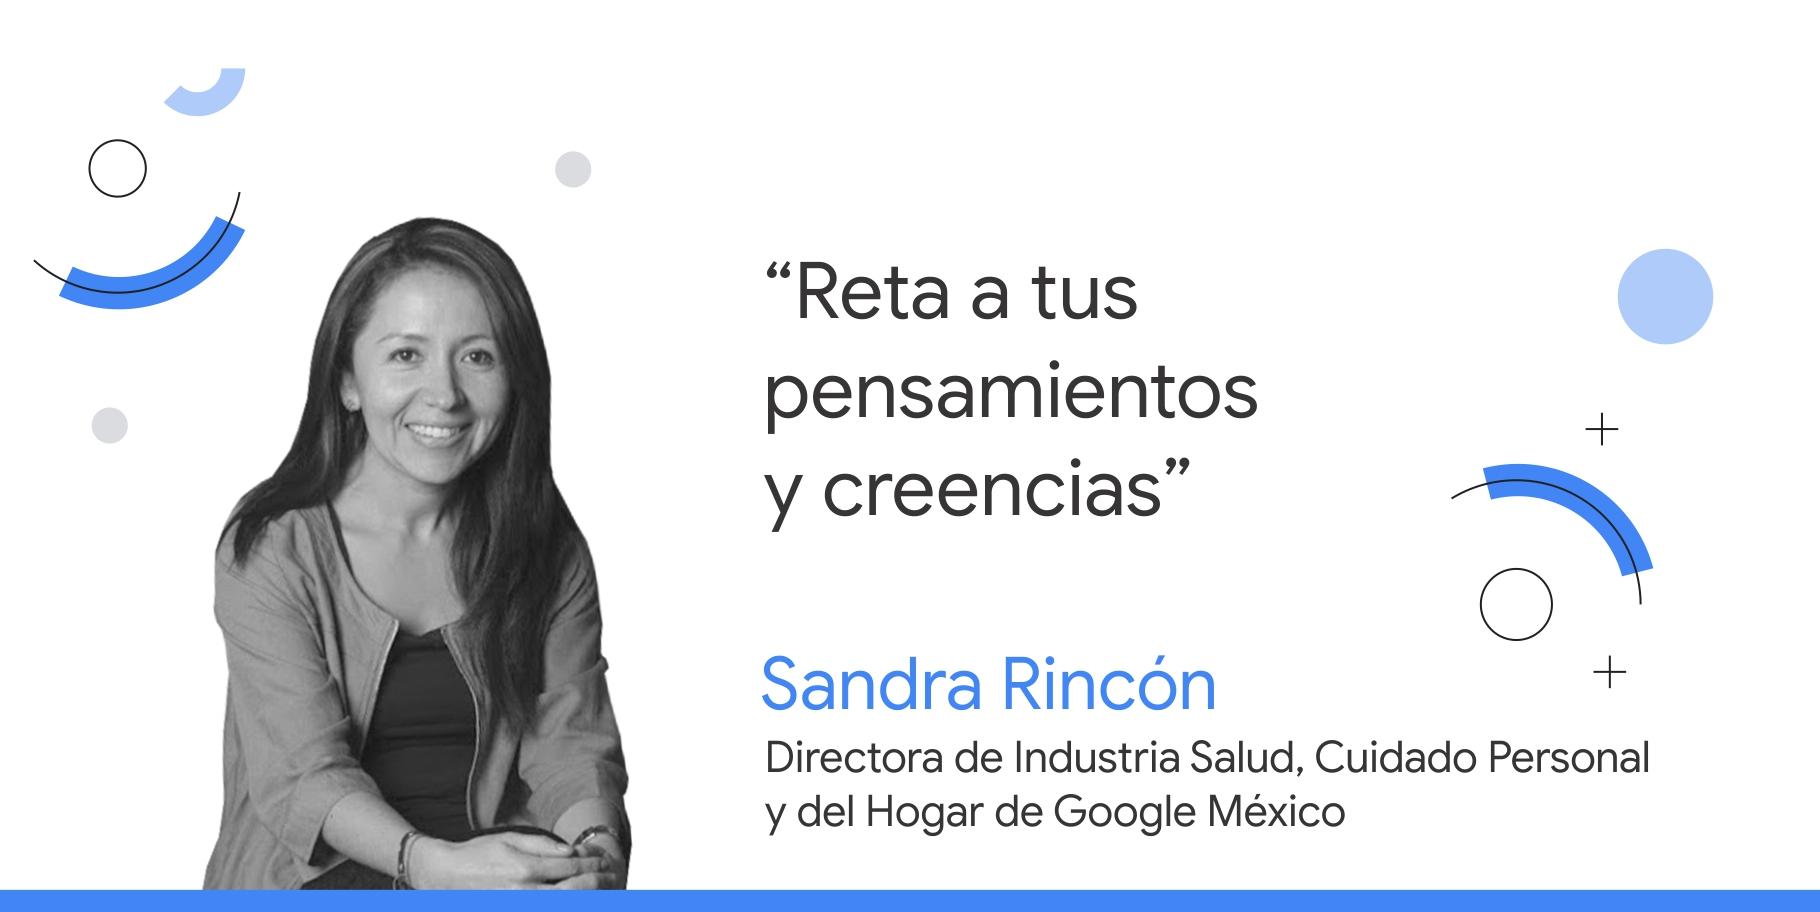 """Foto en blanco y negro de Sandra Rincón, directora de Industria Salud, Cuidado Personal y del Hogar de Google México, junto a su consejo que dice: """"Reta tus pensamientos y creencias""""."""